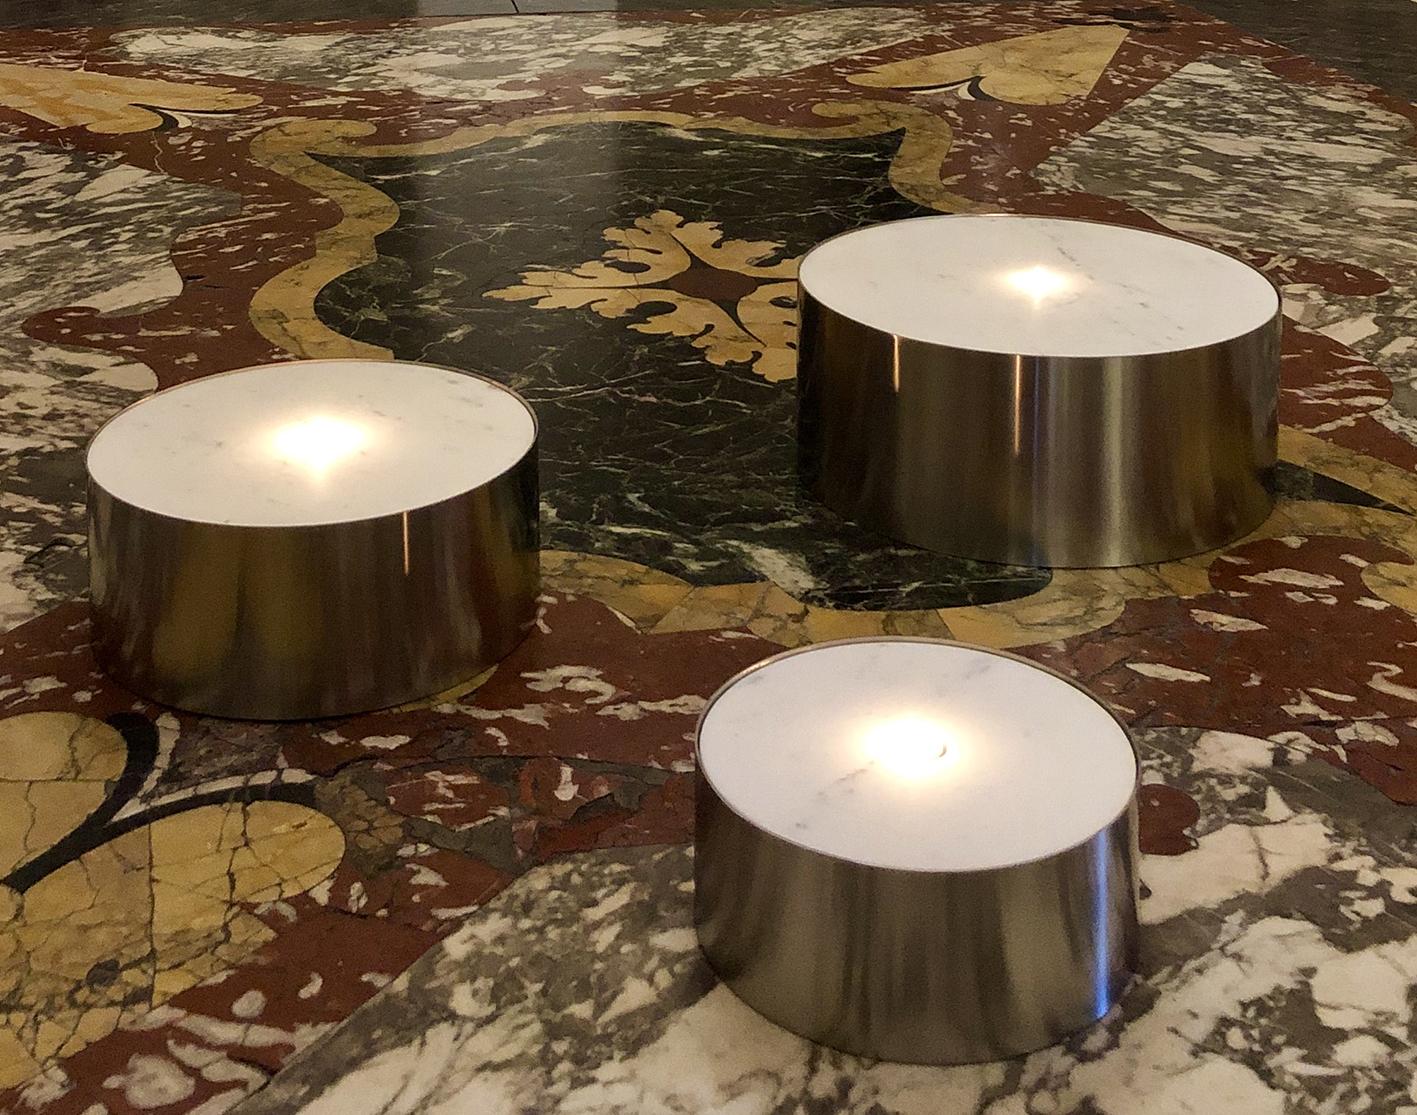 Michele Chiossi JUDD TEA LIGHT, 2019 marmo statuario, acciaio luce candela lumino Scultura reverie minimalismo Donald installazione Carrara